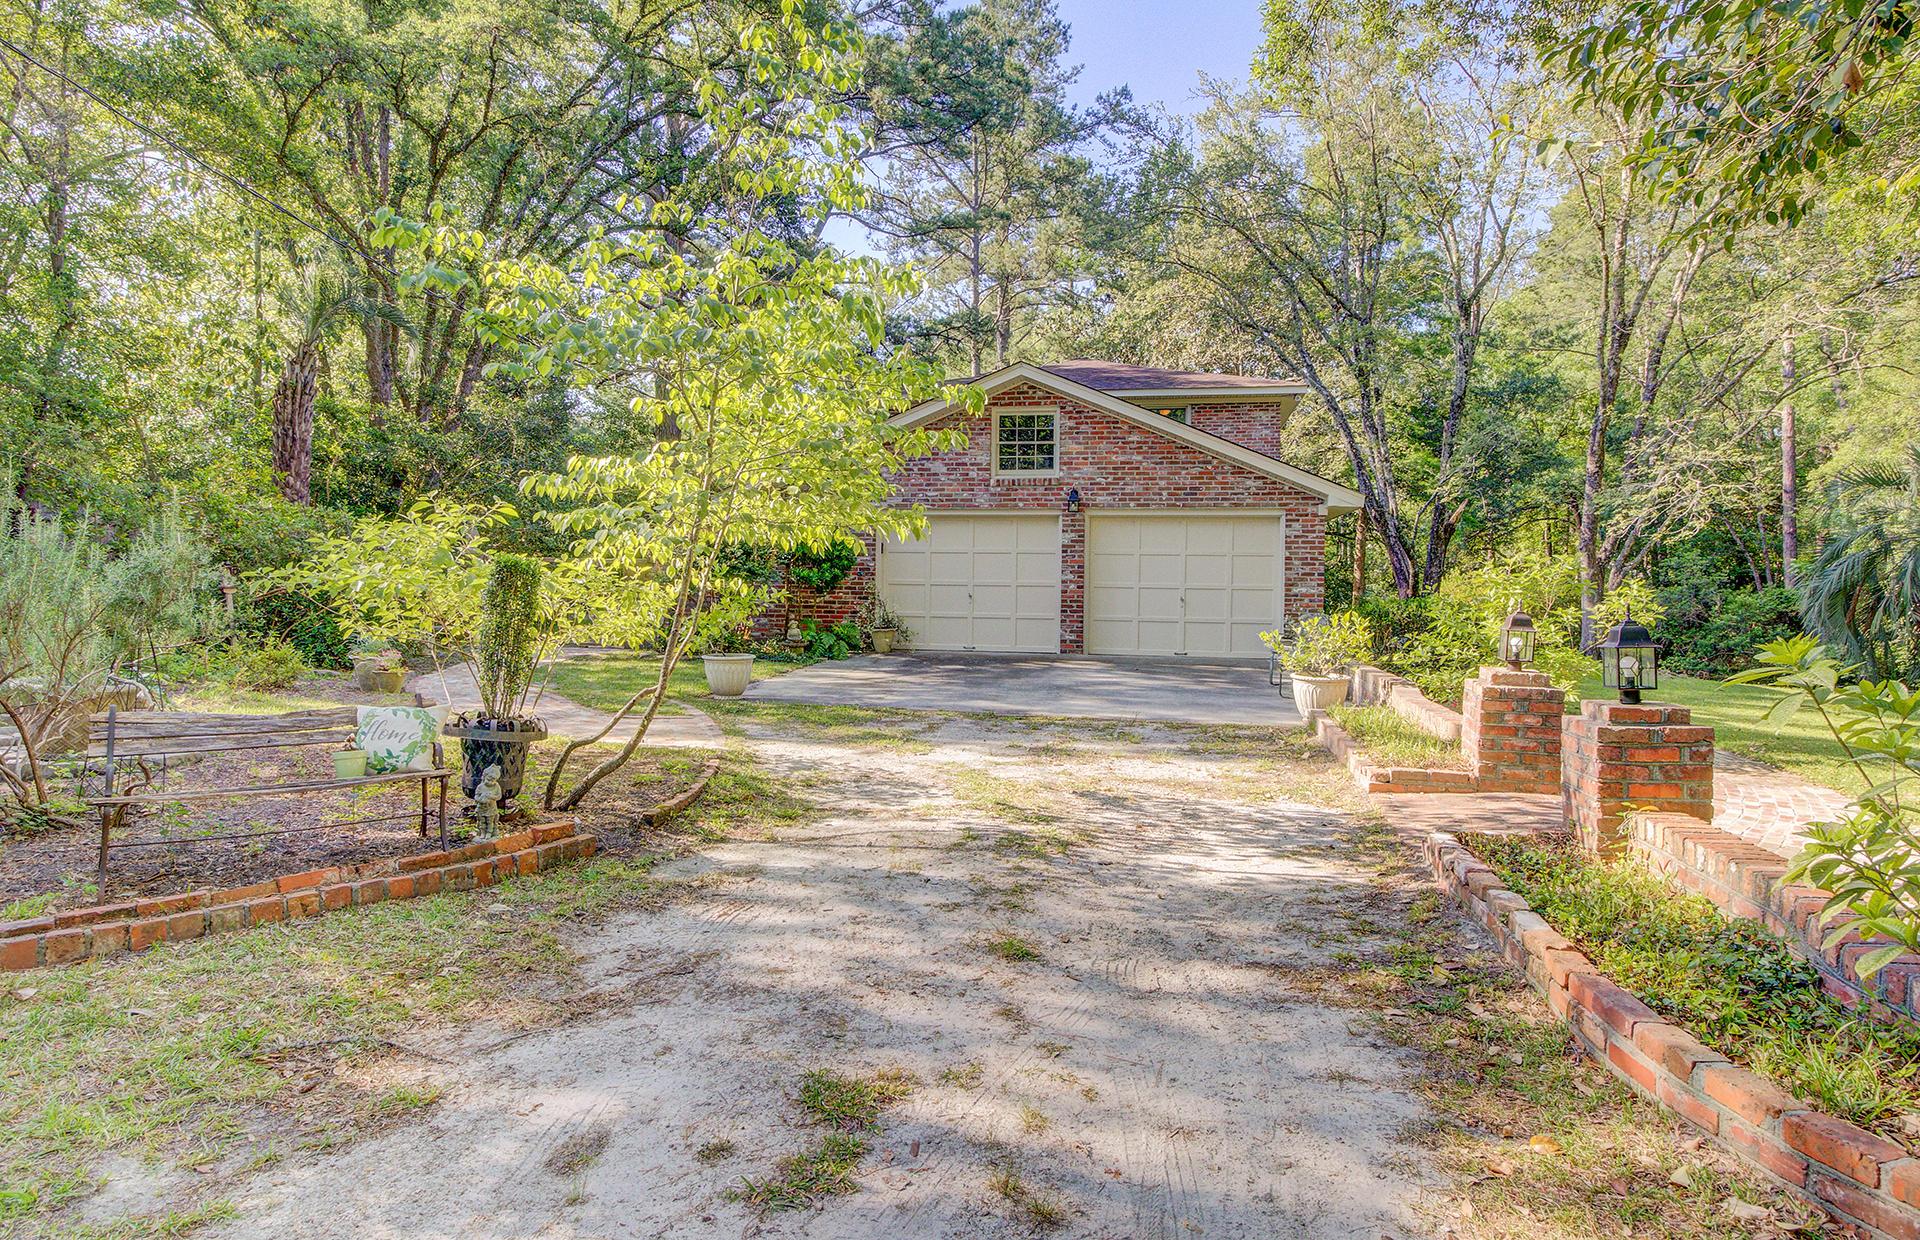 Pine Forest Inn Homes For Sale - 543 Simmons, Summerville, SC - 22